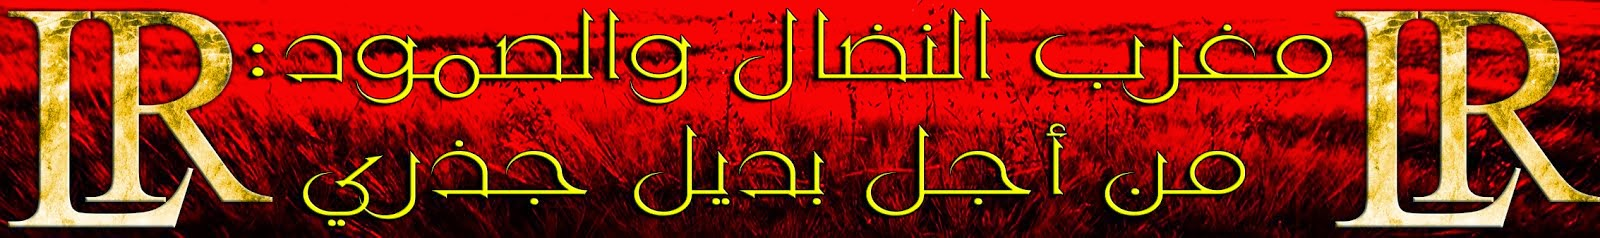 مغرب النضال والصمود: من أجل بديل جذري